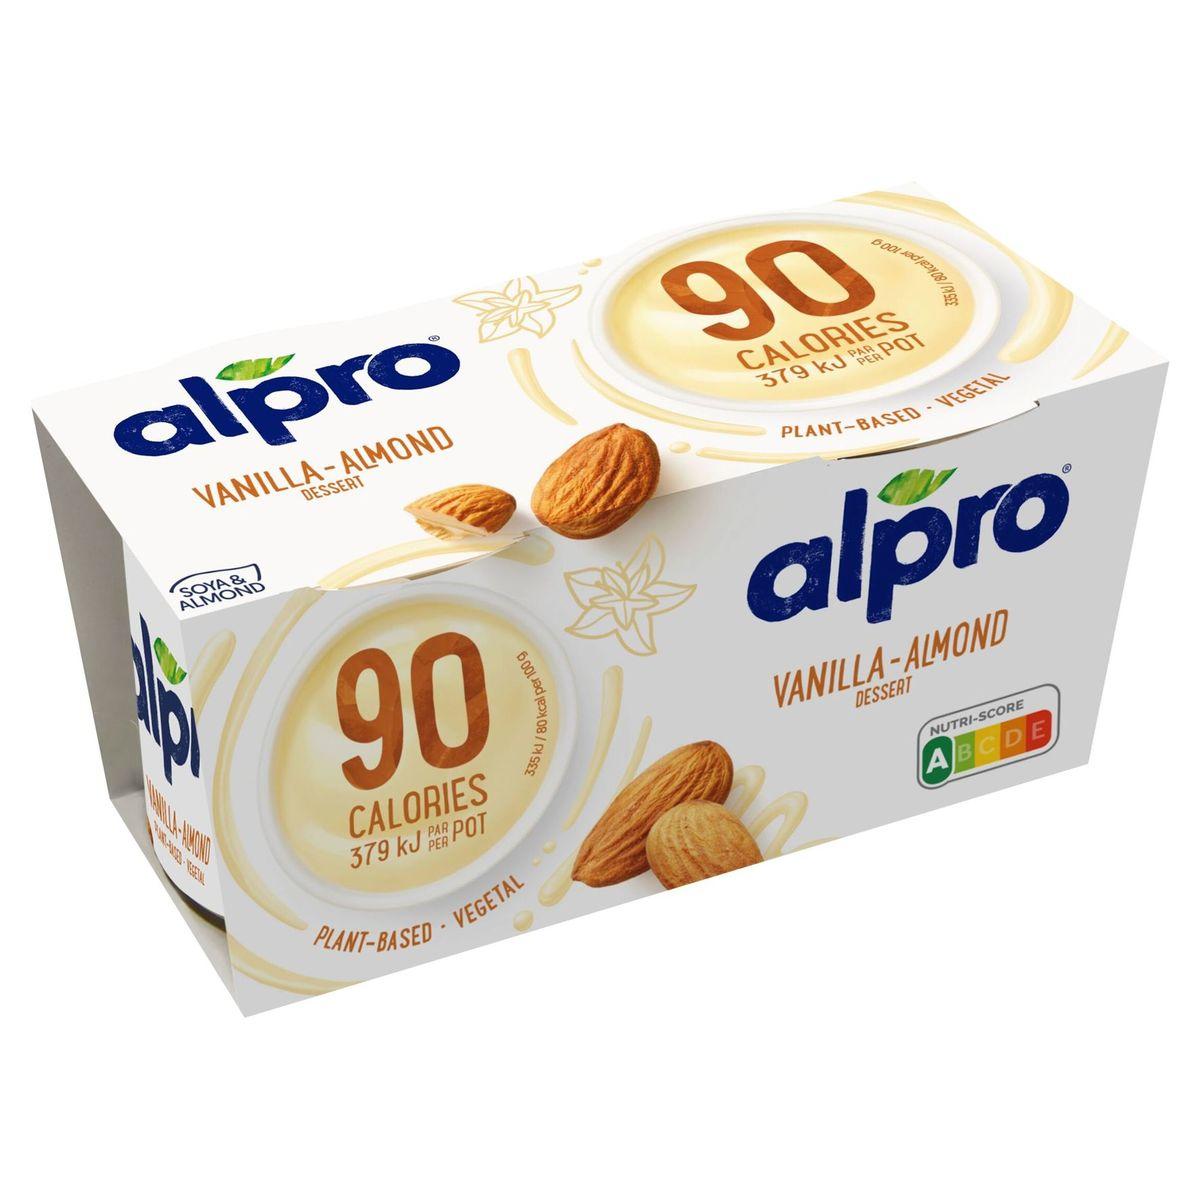 Alpro 90 Kcal Dessert Vanille - Amande 2 x 113 g